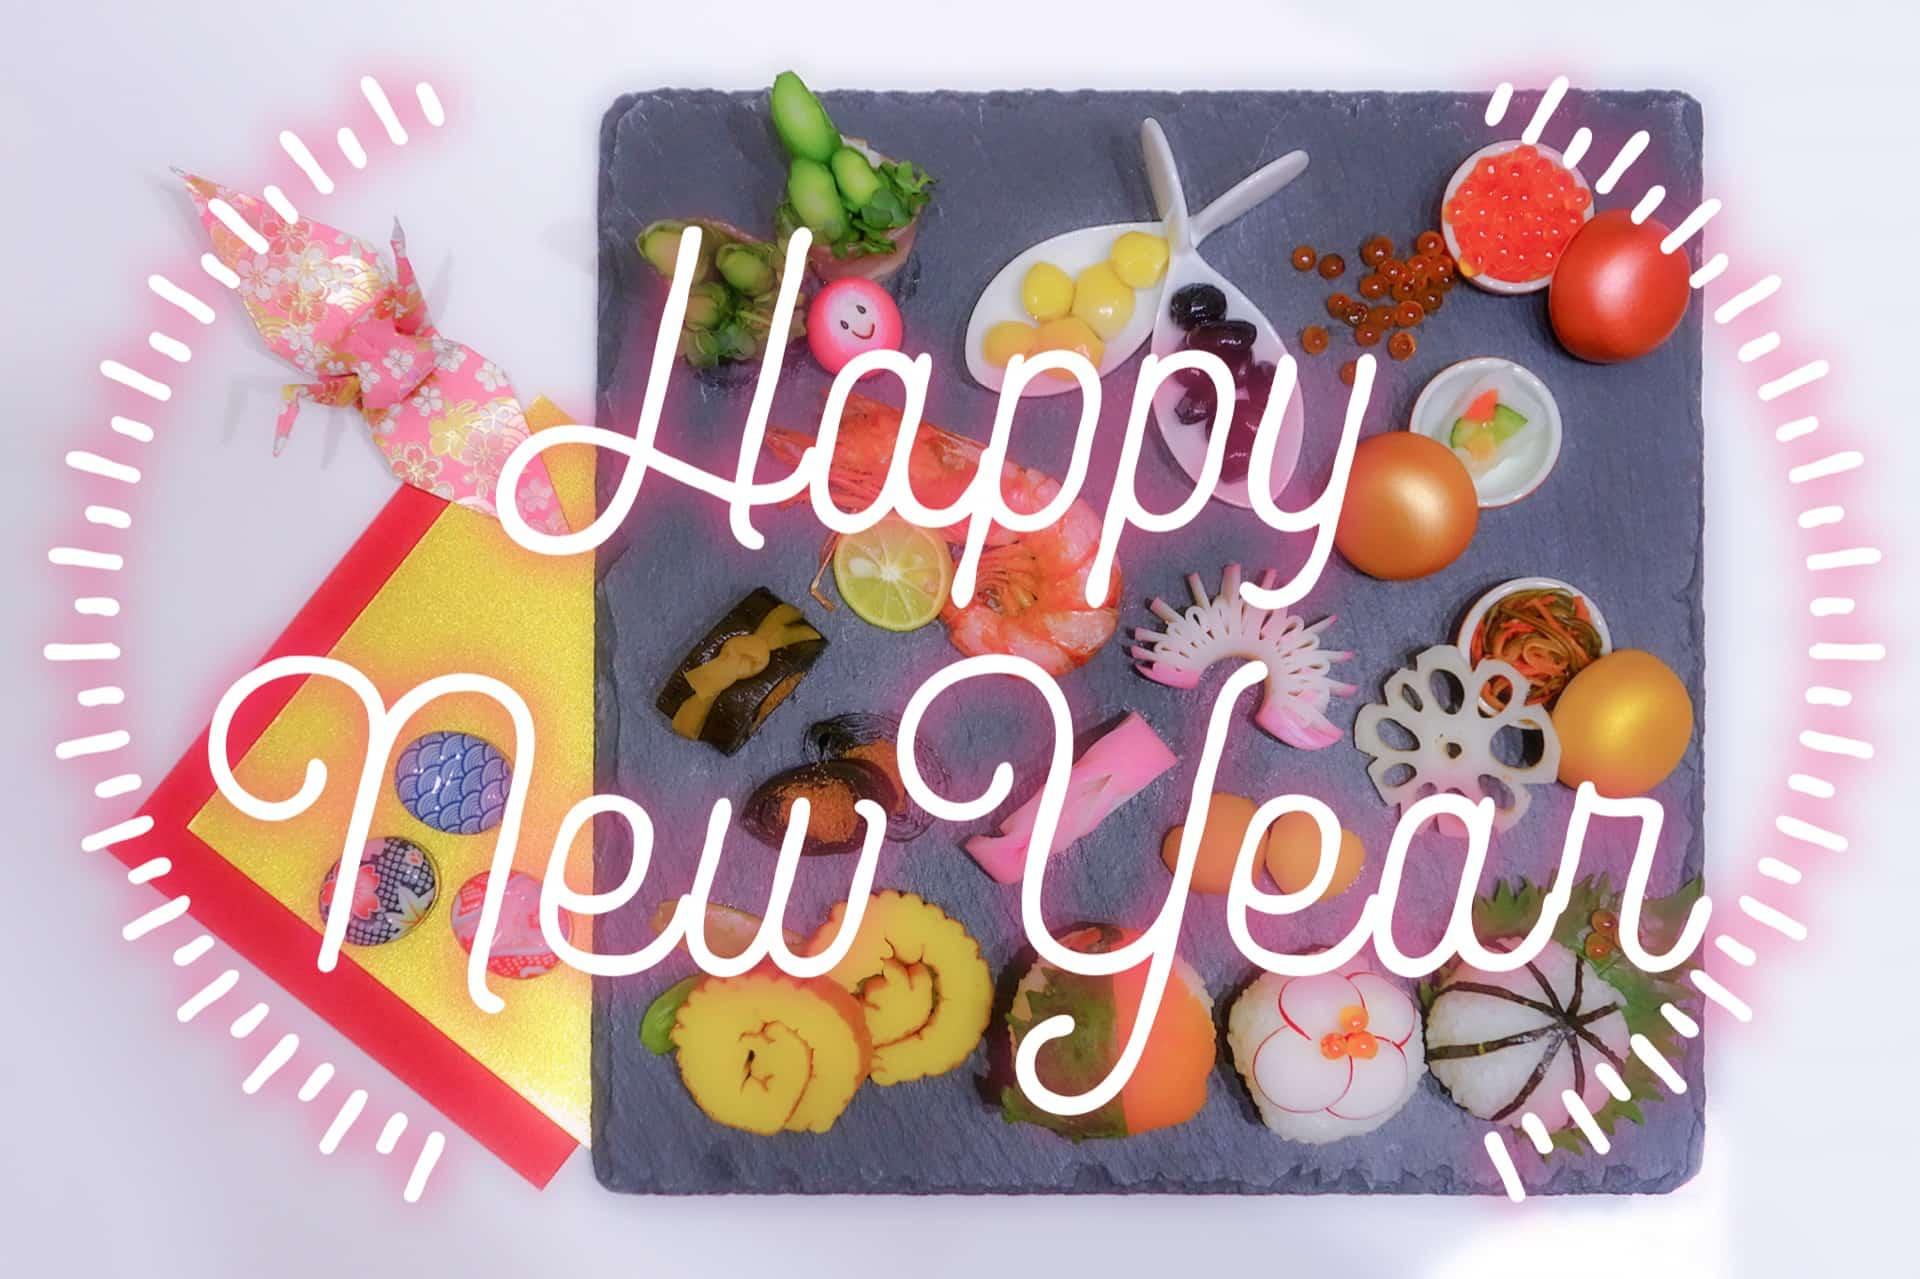 2019年お正月★神戸のホテルの新春バイキングで食べ放題!スペシャルビュッフェが大人気